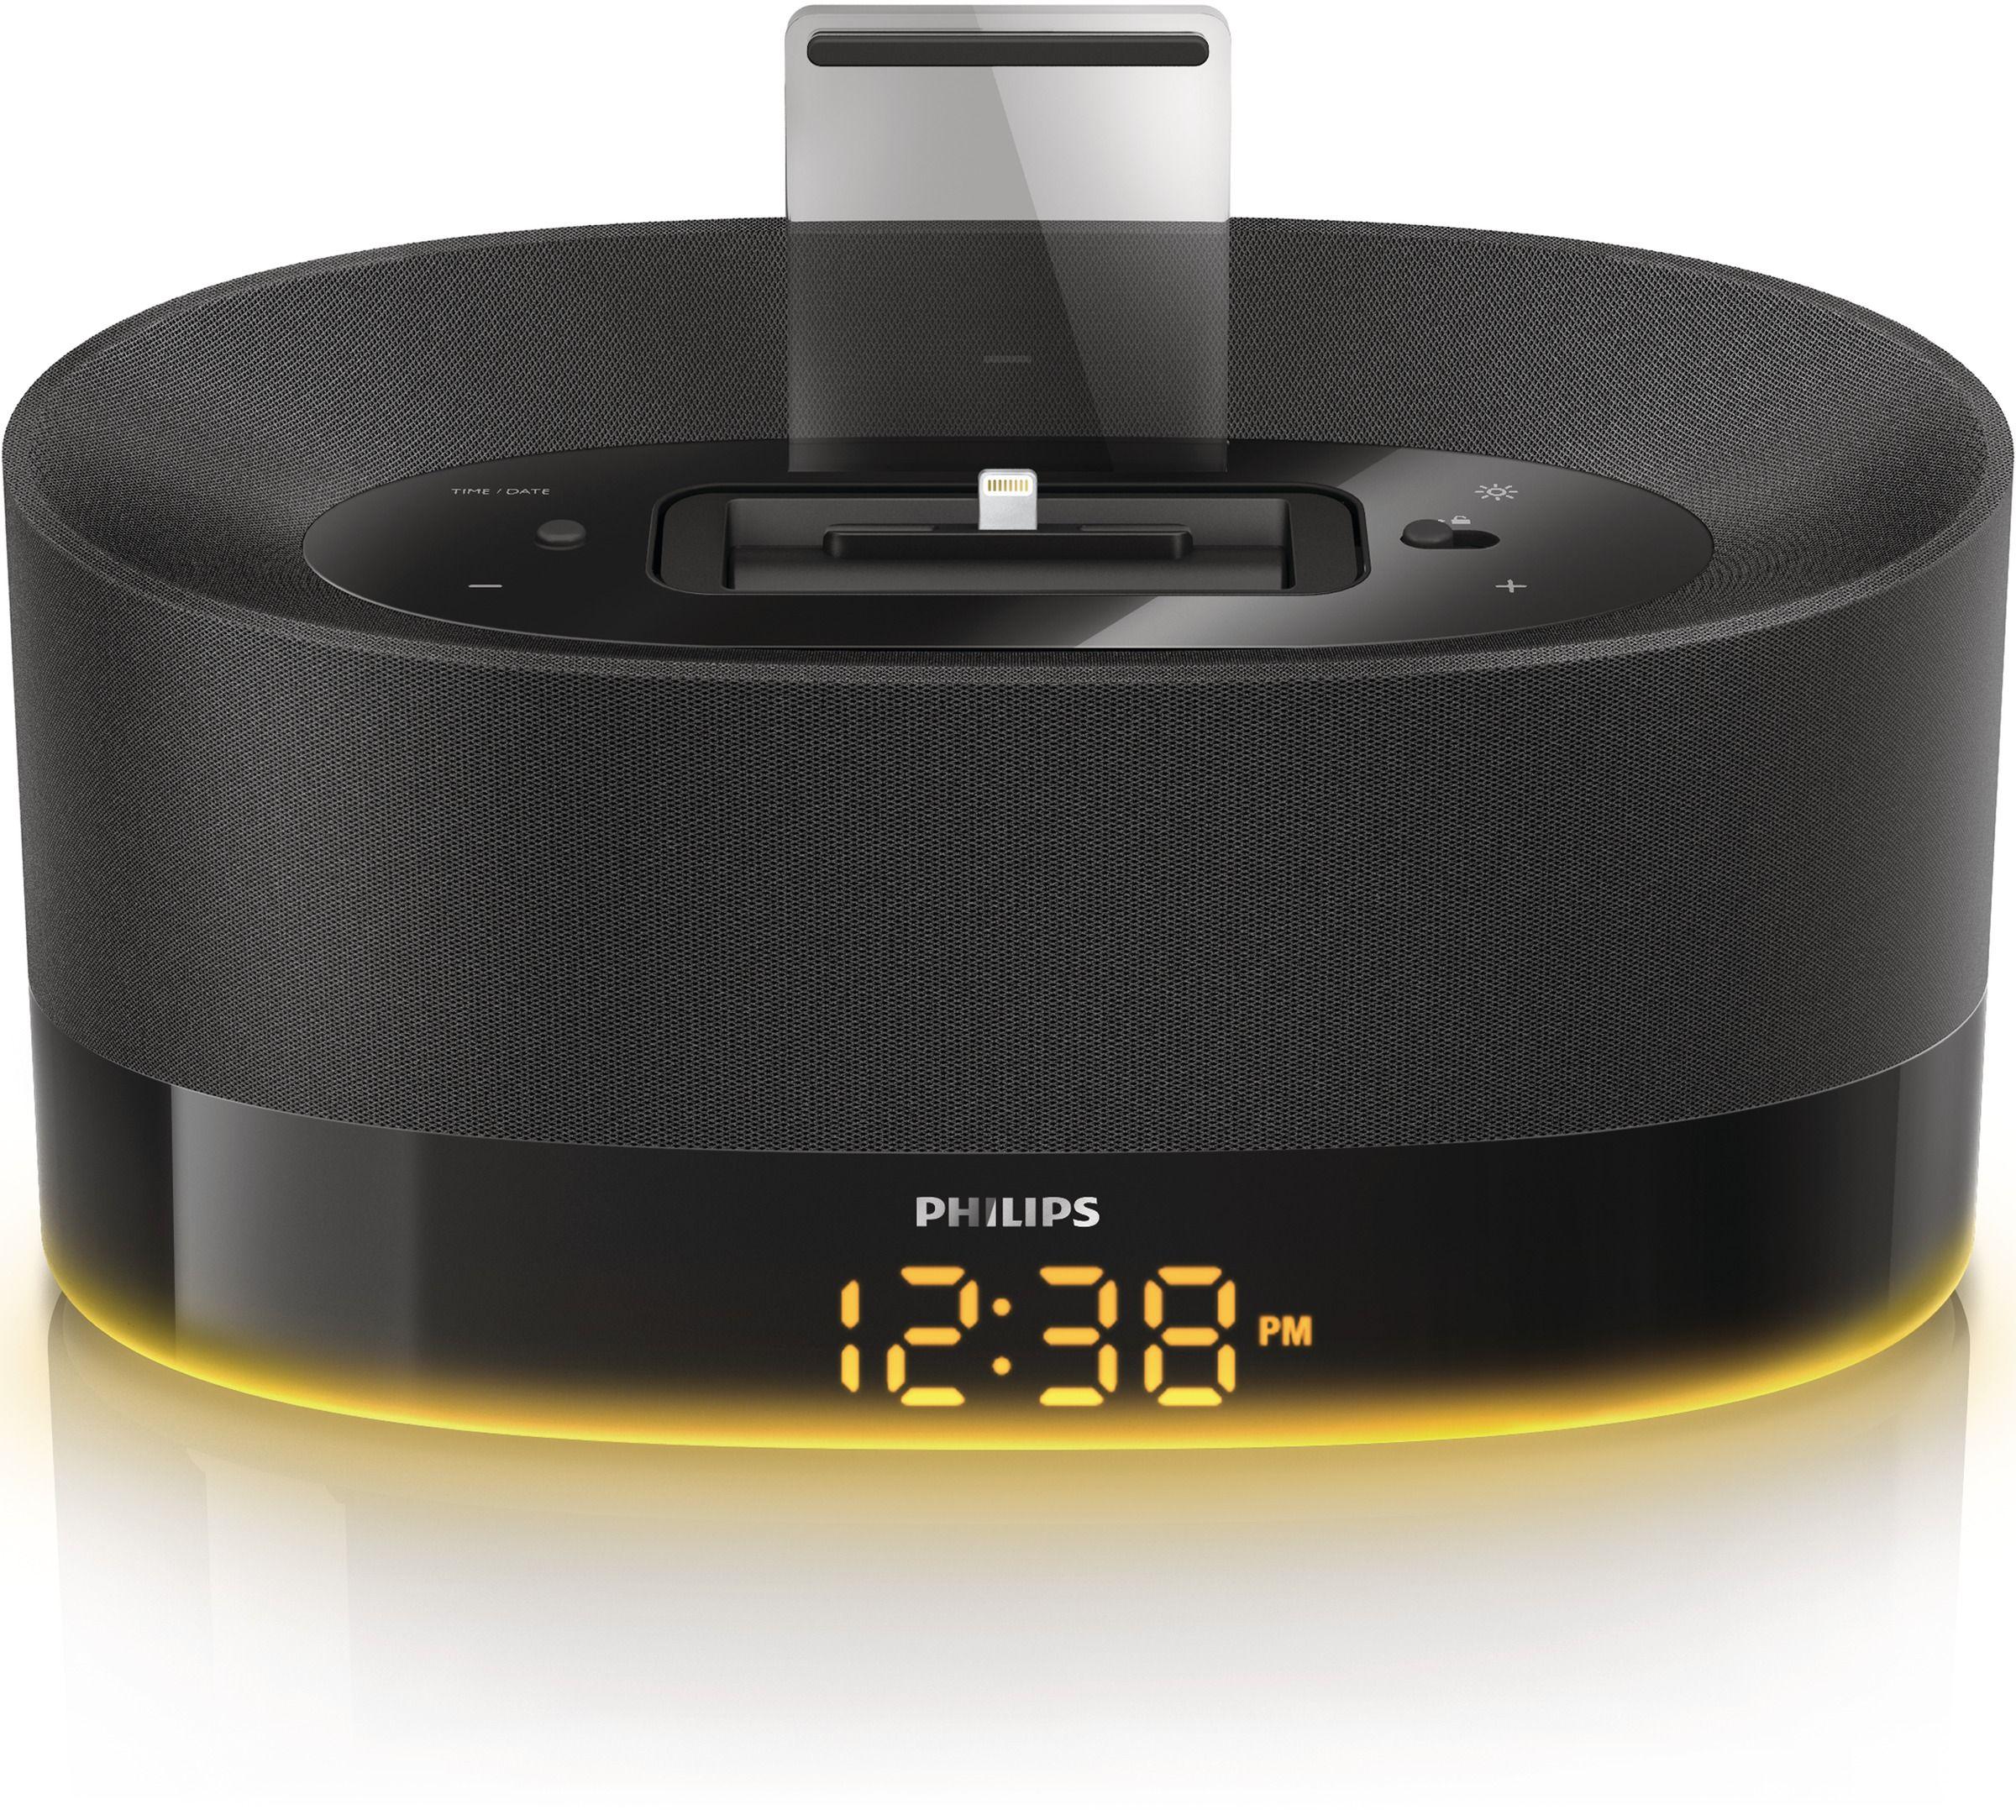 A caixa acústica com dock Philips DS1600 é um equipamento de áudio high tech, com diferentes recursos de conectividade. Ela reproduz e carrega o iPod/iPhone/iPad com o Philips DualDock pelos conectores Lightning e de 30 pinos. Custa R$549,00